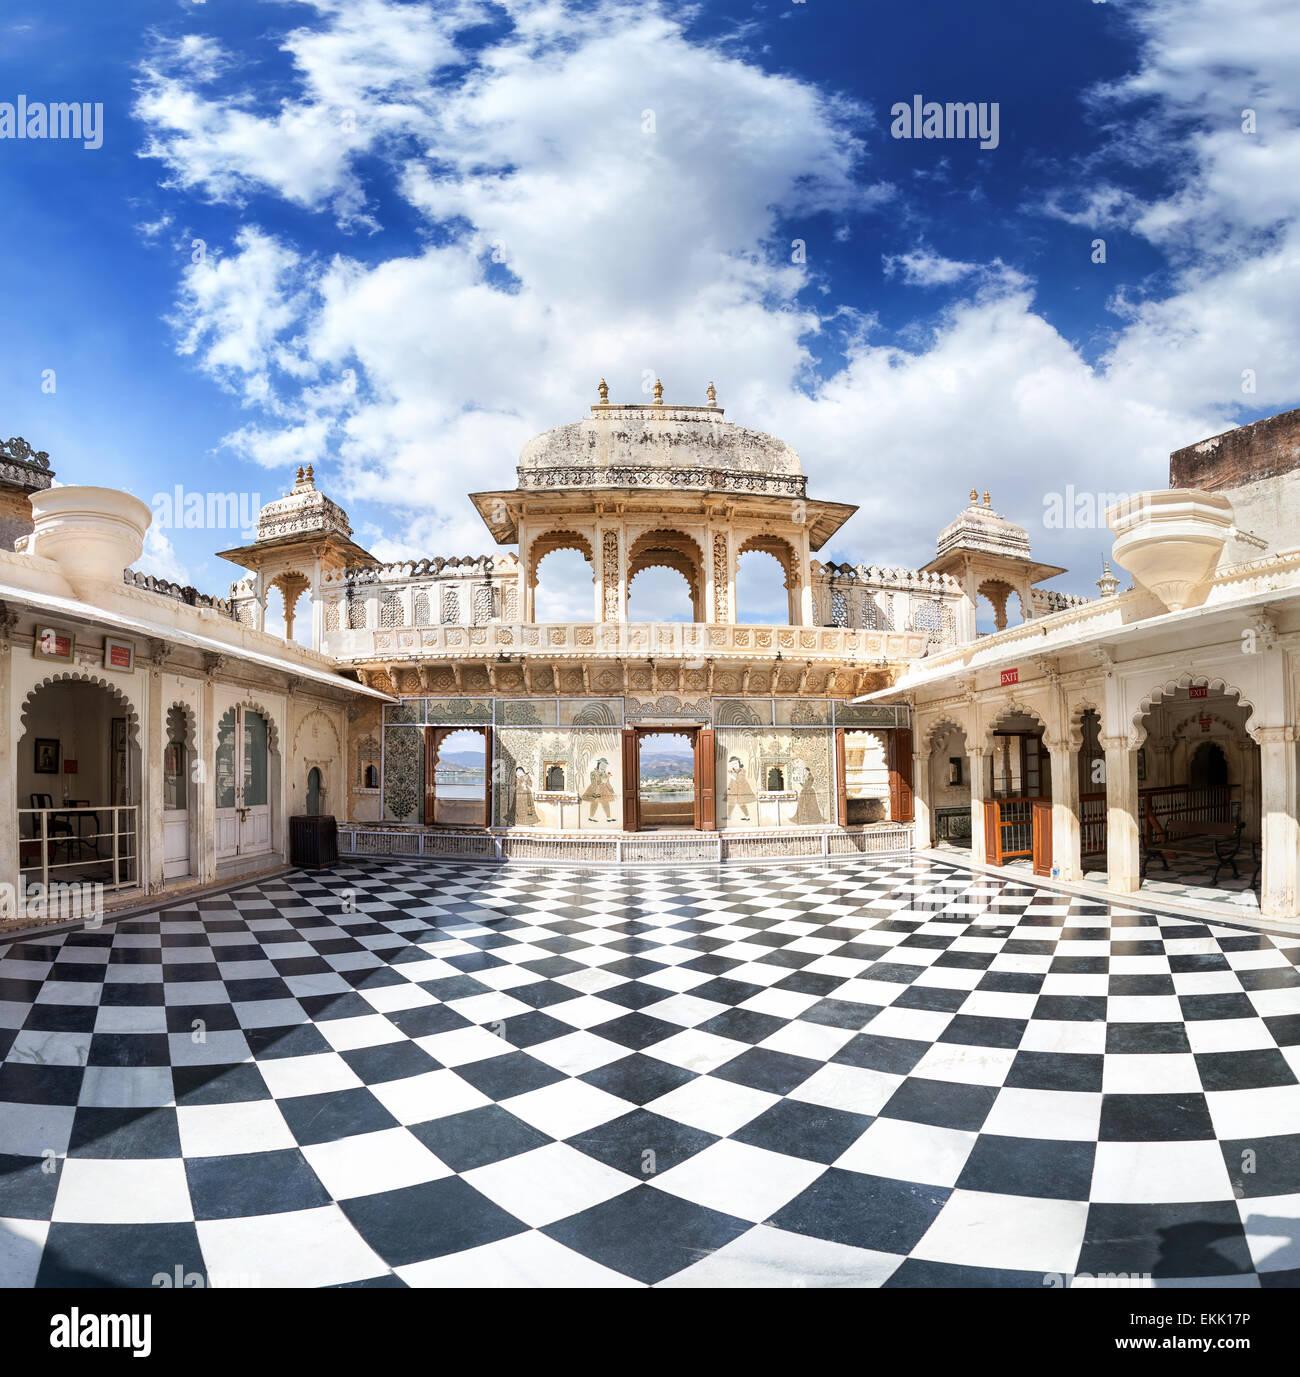 Museo del Palacio de la ciudad con piso de ajedrez surrealista en Udaipur, Rajasthan, India Imagen De Stock